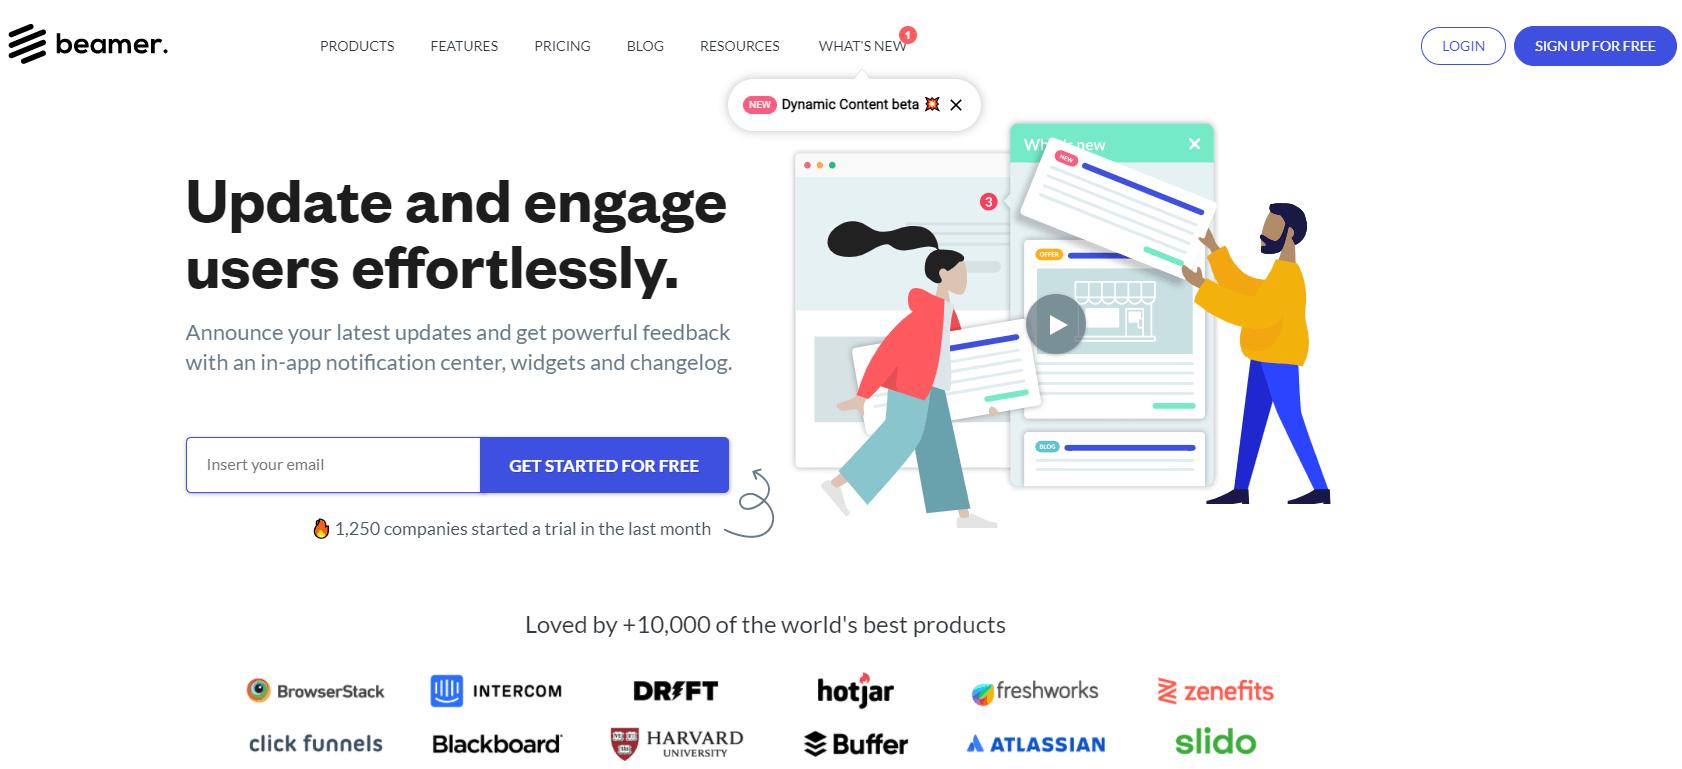 beamer-best-saas-startups-2021